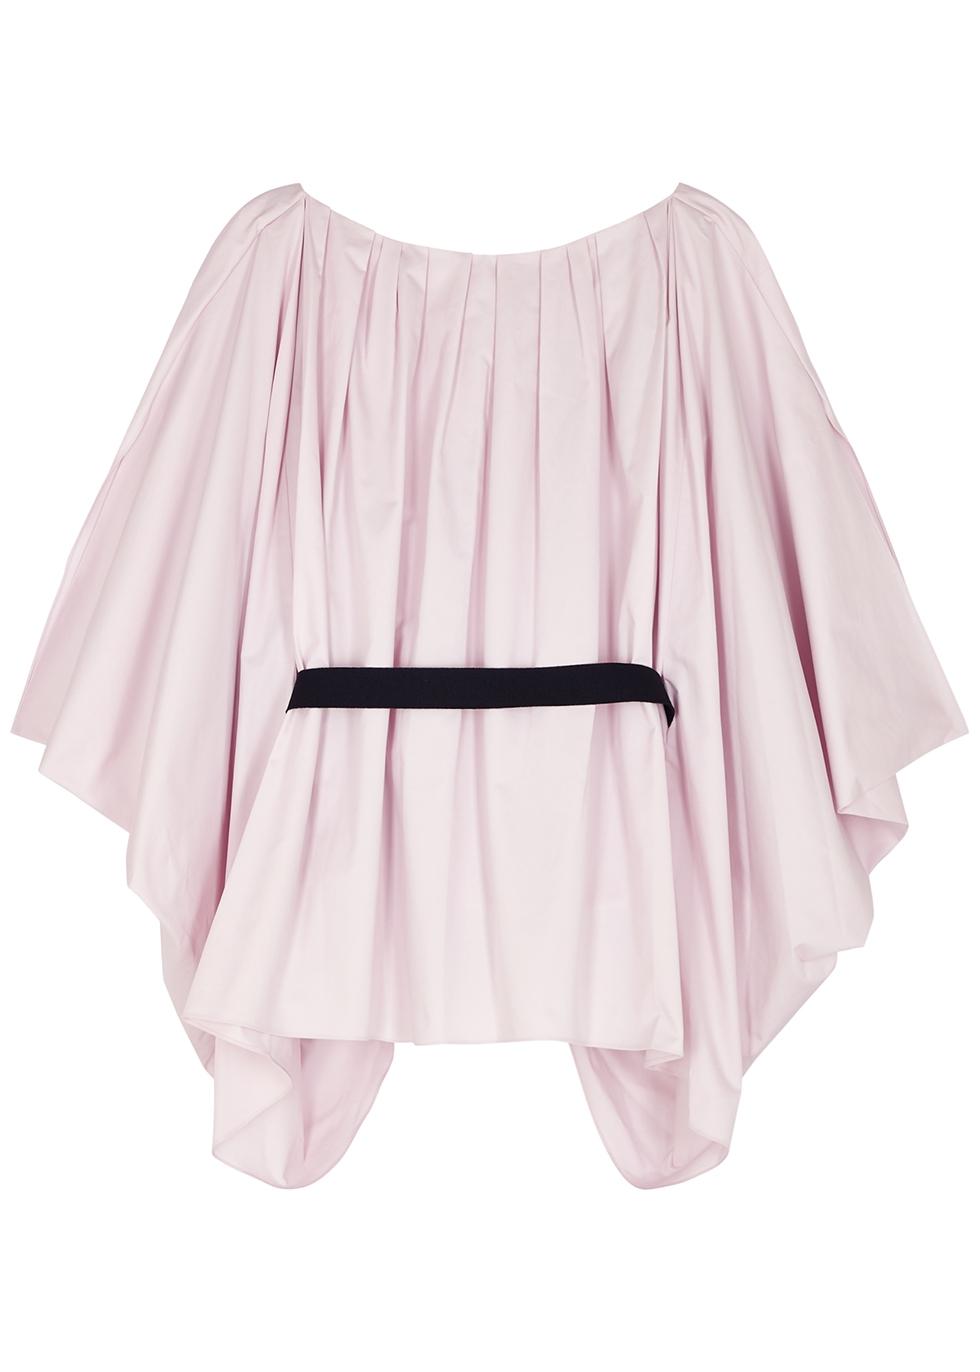 Afra lilac cape-effect cotton top